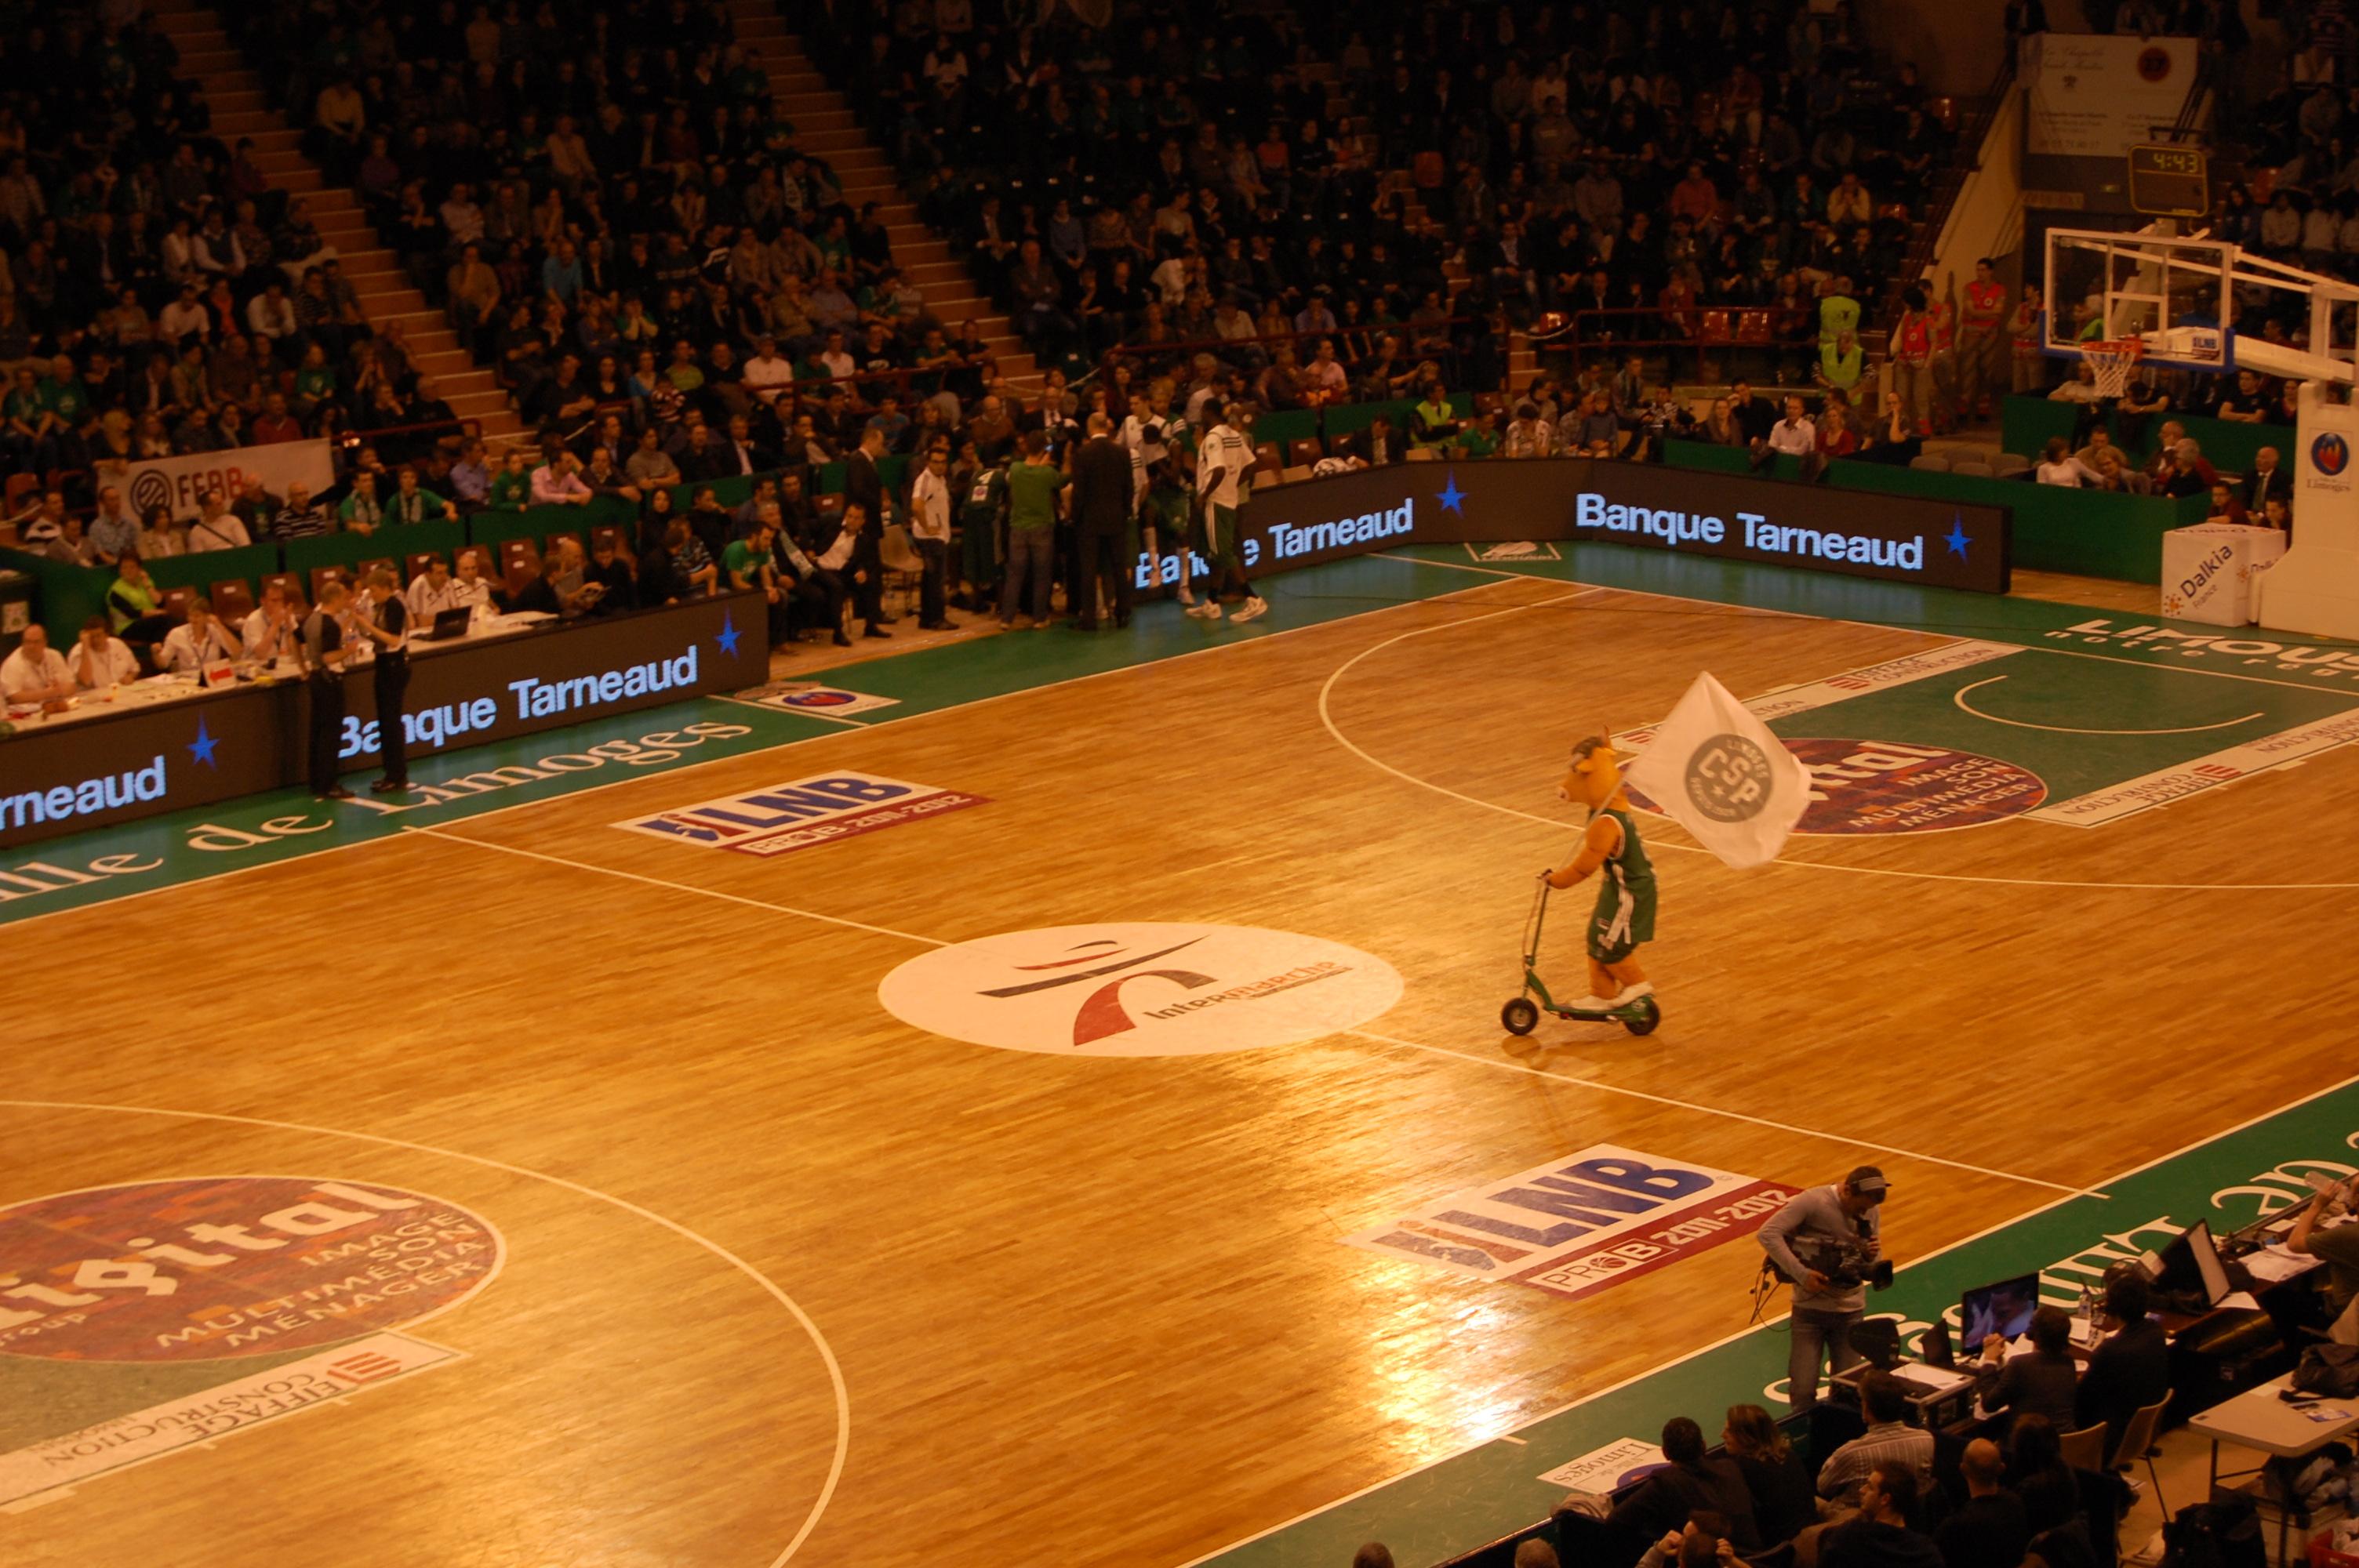 Optisch ist das dunkelbraun-grüne Parkett eine Herausforderung, eine Kuh als Maskottchen hat Limoges wohl exklusiv. Quelle: wikimedia commons; user Fonqebure, own work; under CC license CC BY-SA 3.0